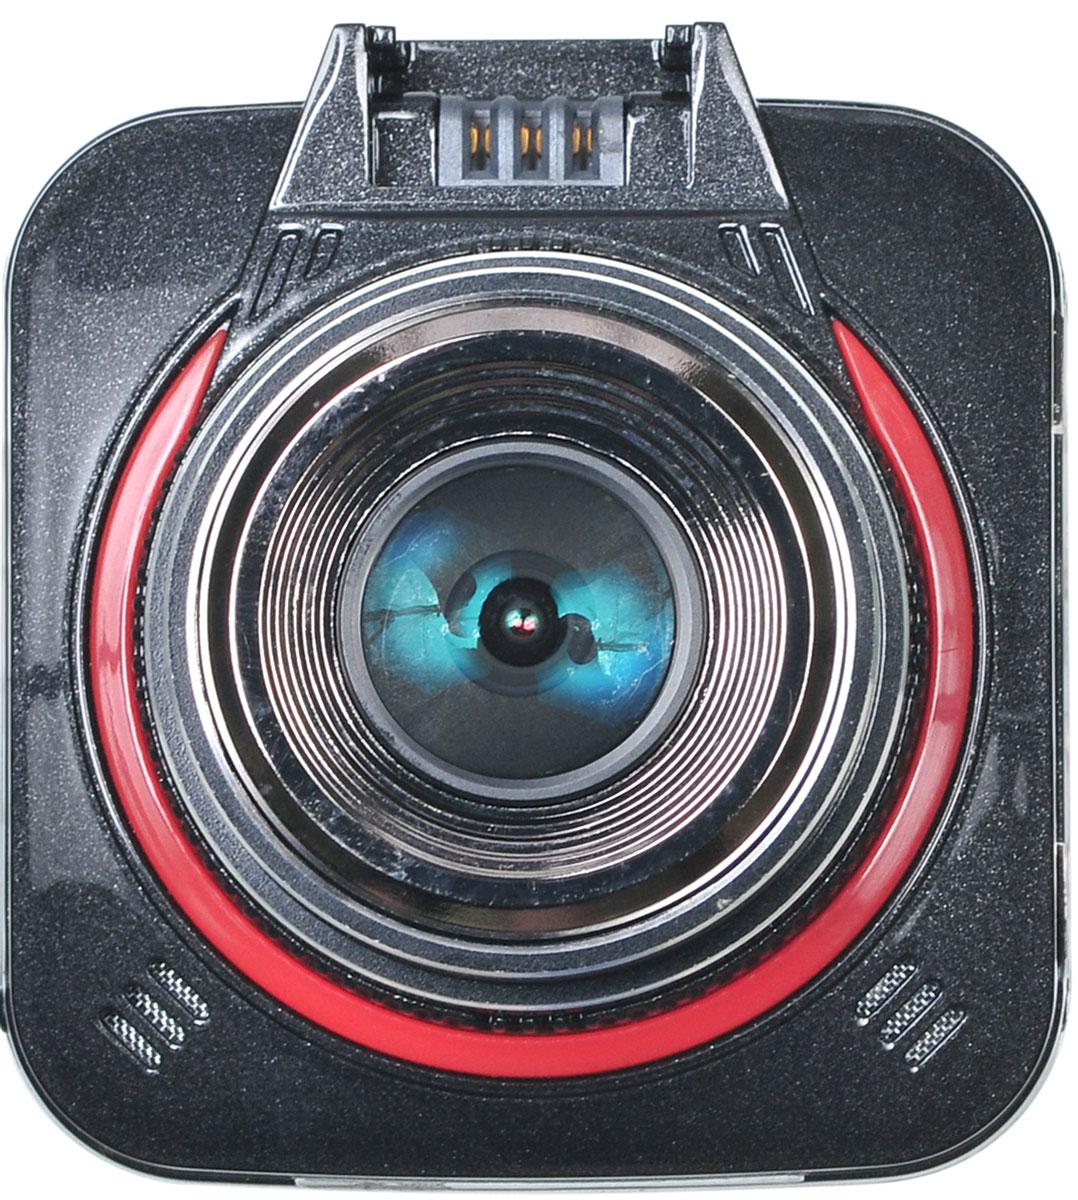 Digma FreeDrive 400, Black видеорегистраторFREEDRIVE 400Видеорегистратор Digma FreeDrive 400 отличается удобной конструкцией: все кнопки управления вынесены на боковую панель, а на тыльной стороне расположен цветной ЖК-дисплей диагональю 2 дюйма.Данная модель оснащена широкоугольным объективом (с углом обзора 140°), динамиком и микрофоном, что гарантирует запись полной картины в любой дорожной ситуации.Регистратор Digma FreeDrive 400 записывает видео в Full HD-качестве (1080p) и оборудован датчиком движения. Поддержка карт памяти формата microSD объемом до 128 ГБ обеспечивает бесперебойную съемку и дальнейшее хранение файлов. Видеорегистратор питается от автомобильного прикуривателя или встроенного резервного аккумулятора емкостью 300 мАч.Процессор: Ambarella A7LA50Матрица: OV4689Защита от перезаписи